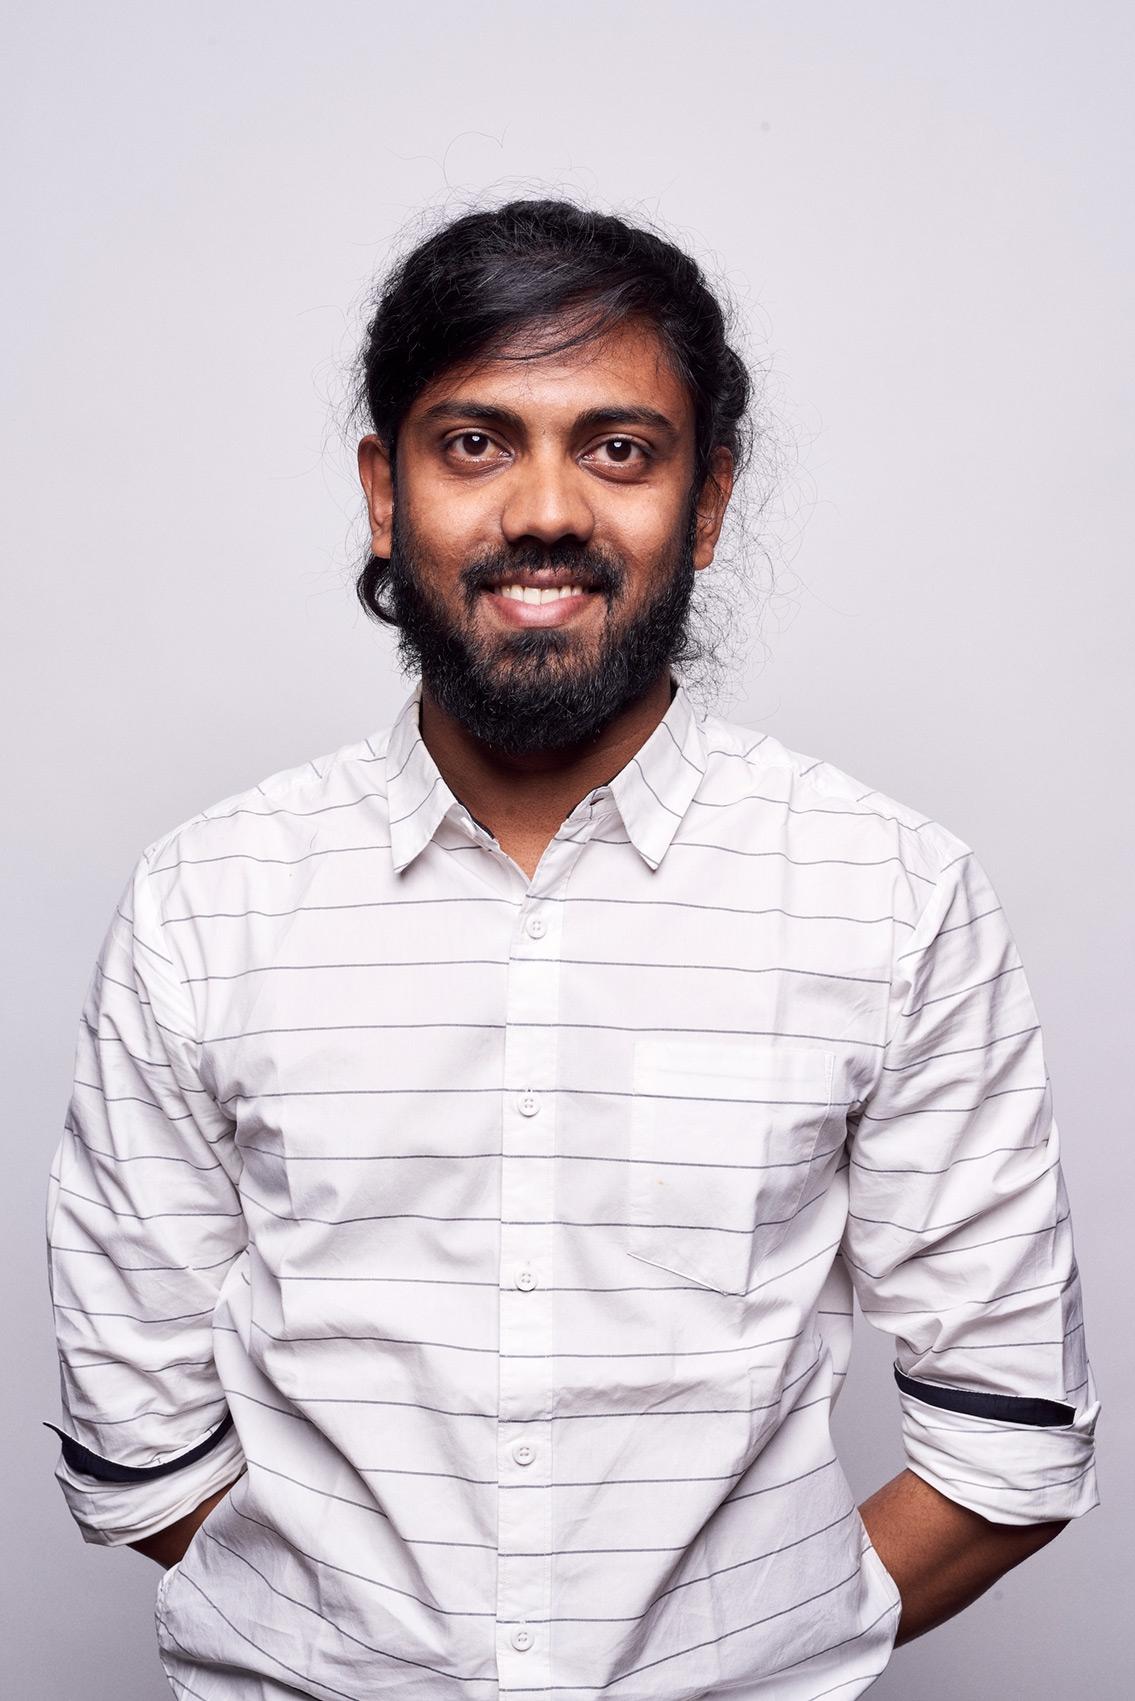 Copy of <strong>Arvind Sanjeev</strong><br>Design Technologist<br>arvind@above.se<br>